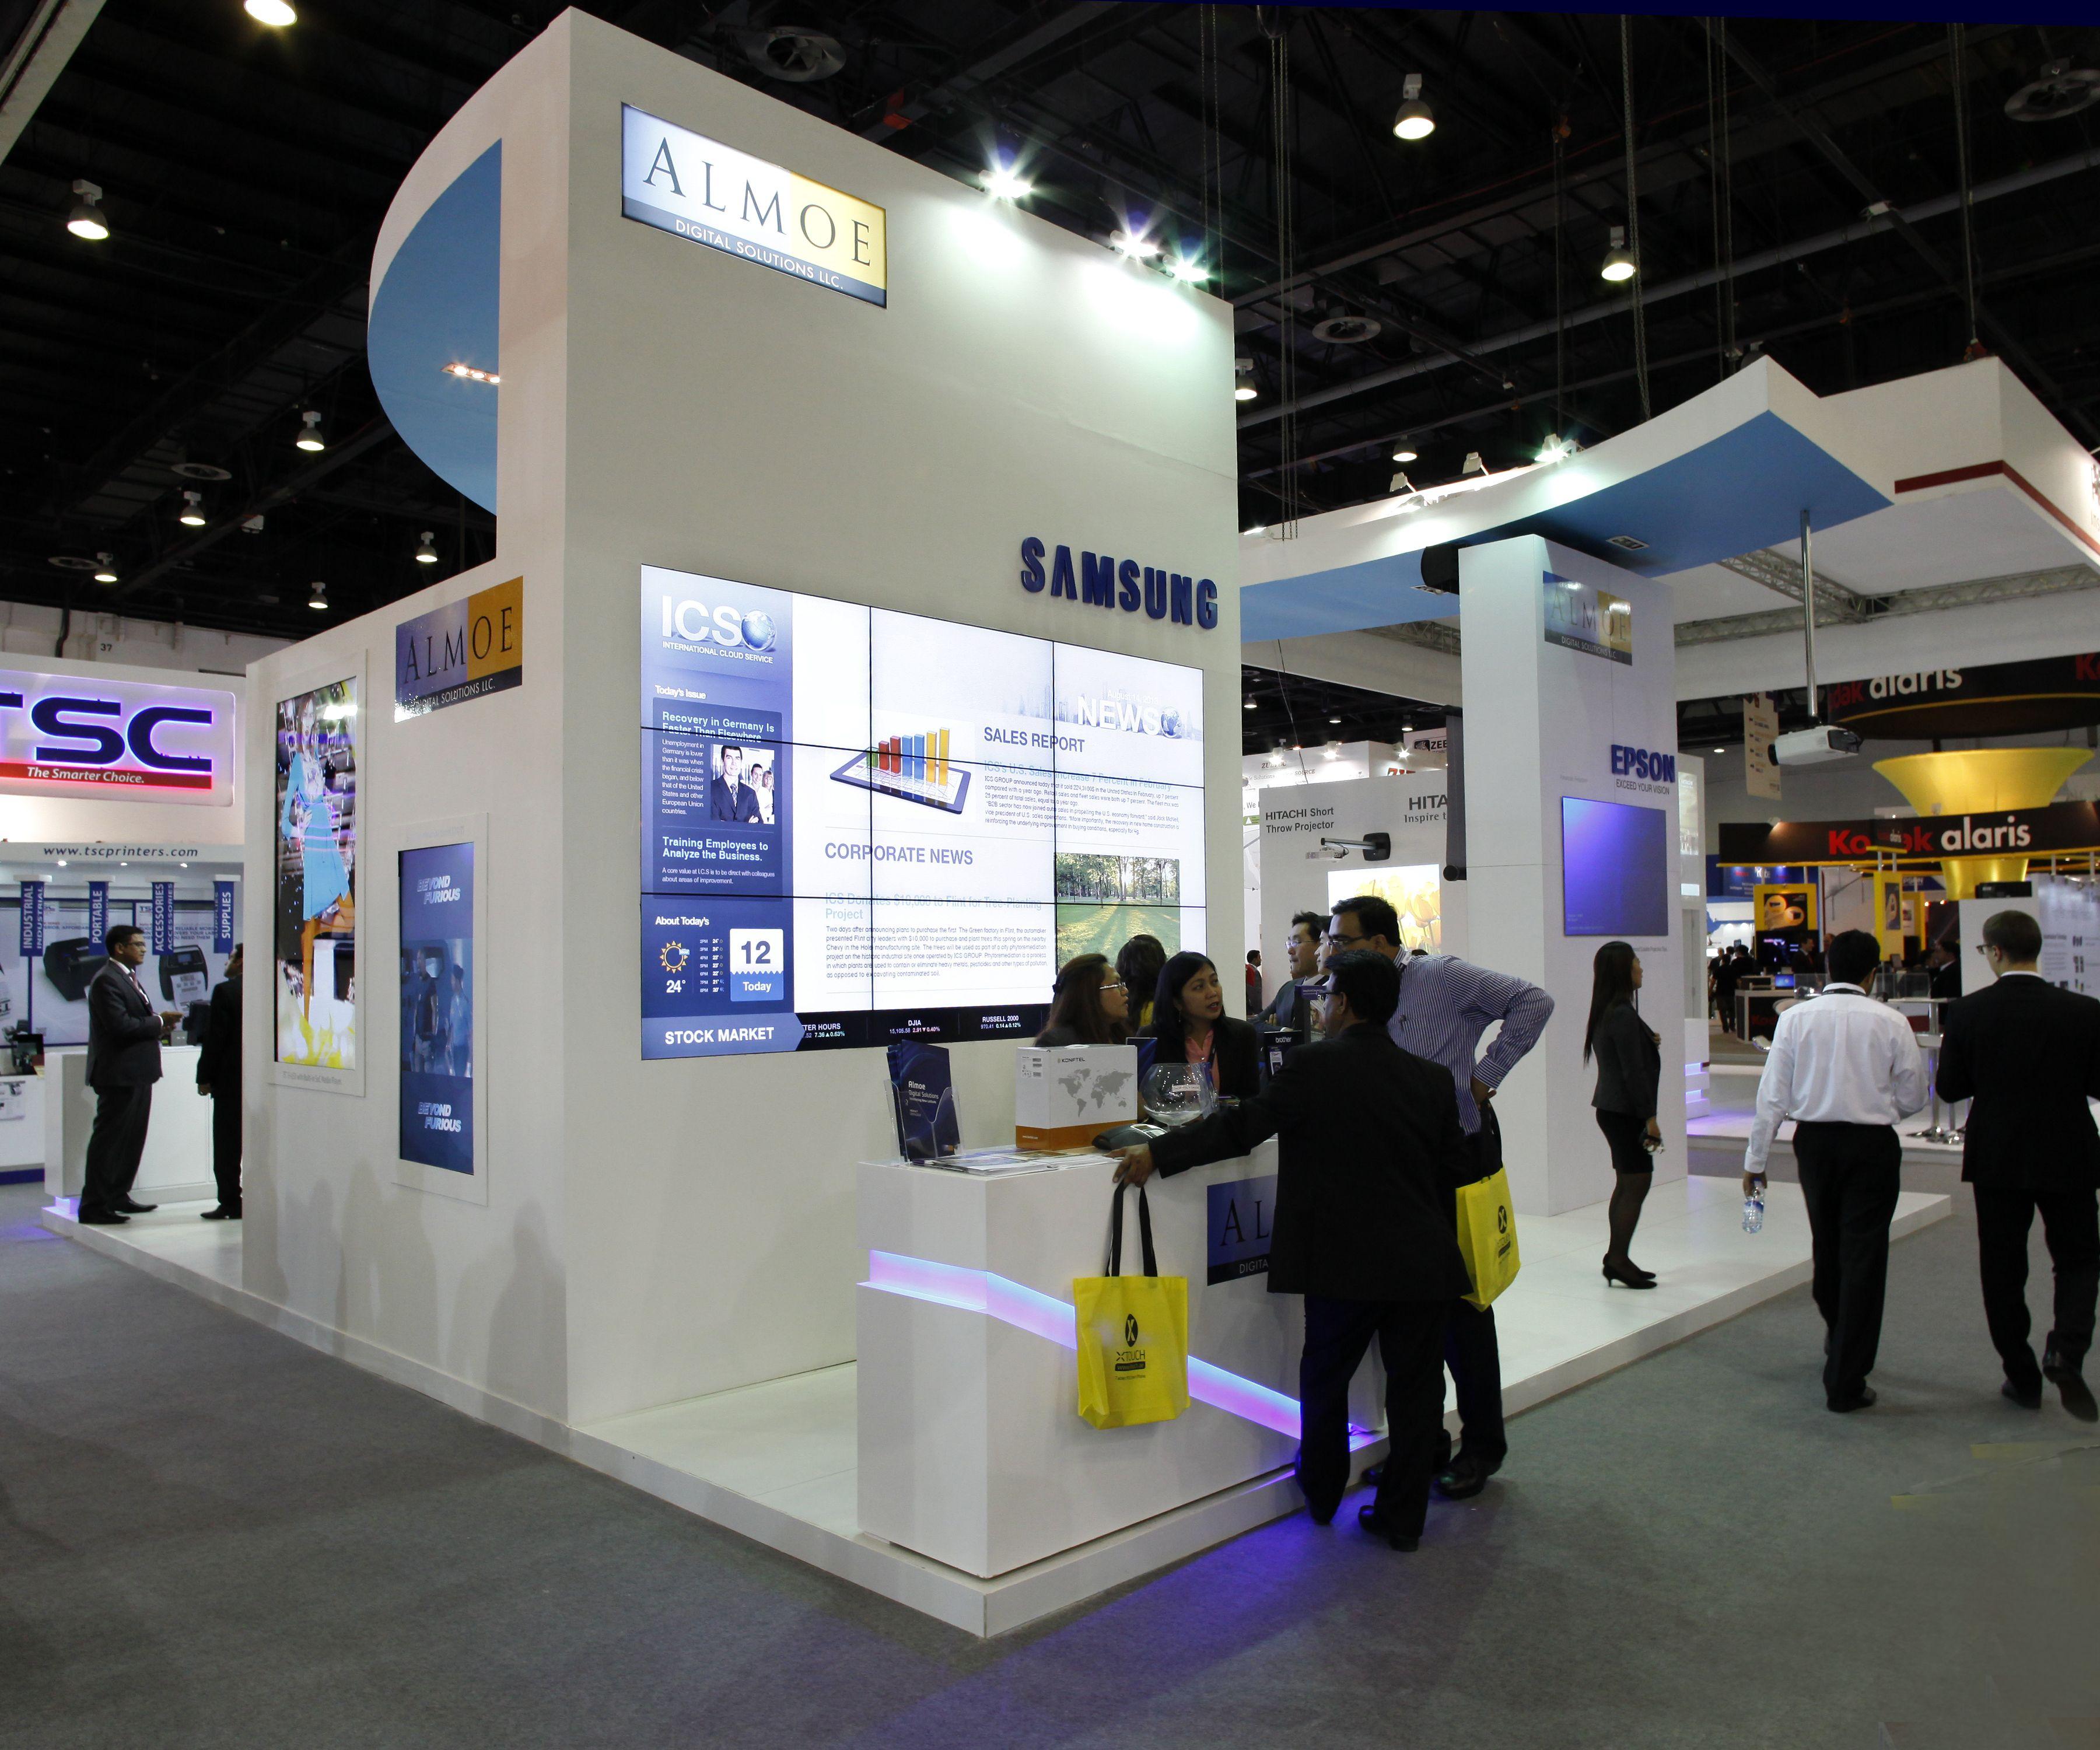 D Exhibition In Dubai : Almoe at gitex dubai world trade centre